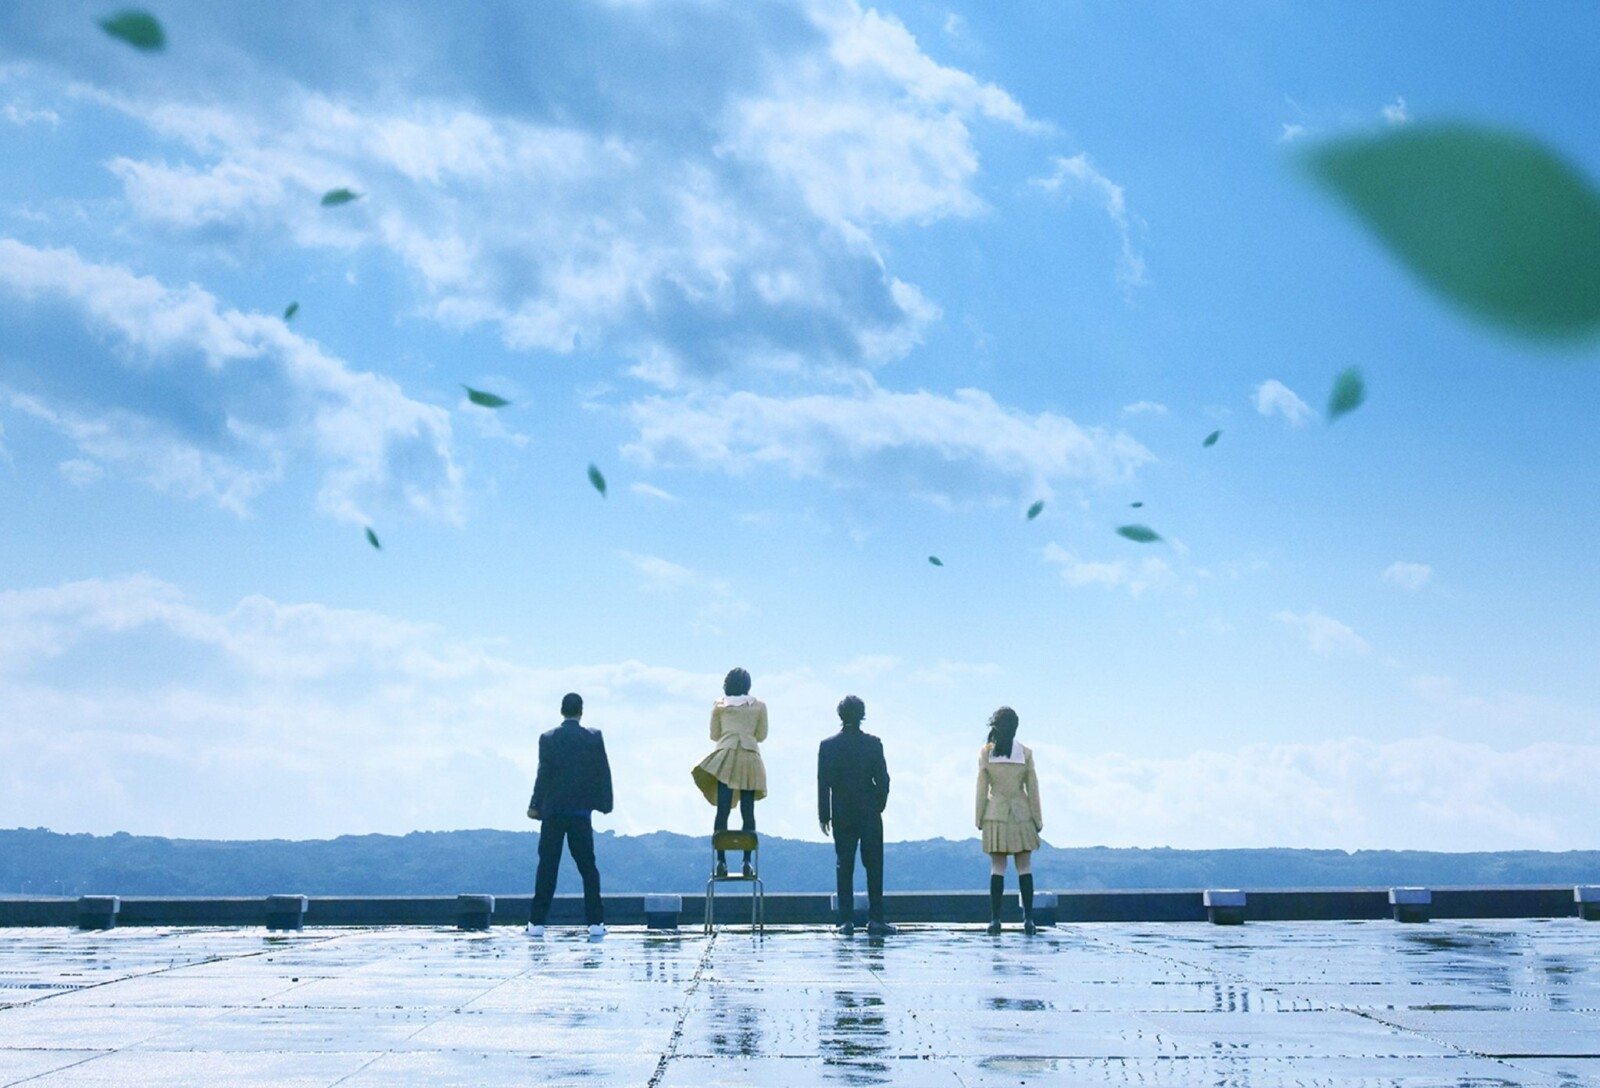 主演:中島健人×ヒロイン:芳根京子『心が叫びたがってるんだ。』実写化決定!出演者&公開日&ビジュアル解禁!